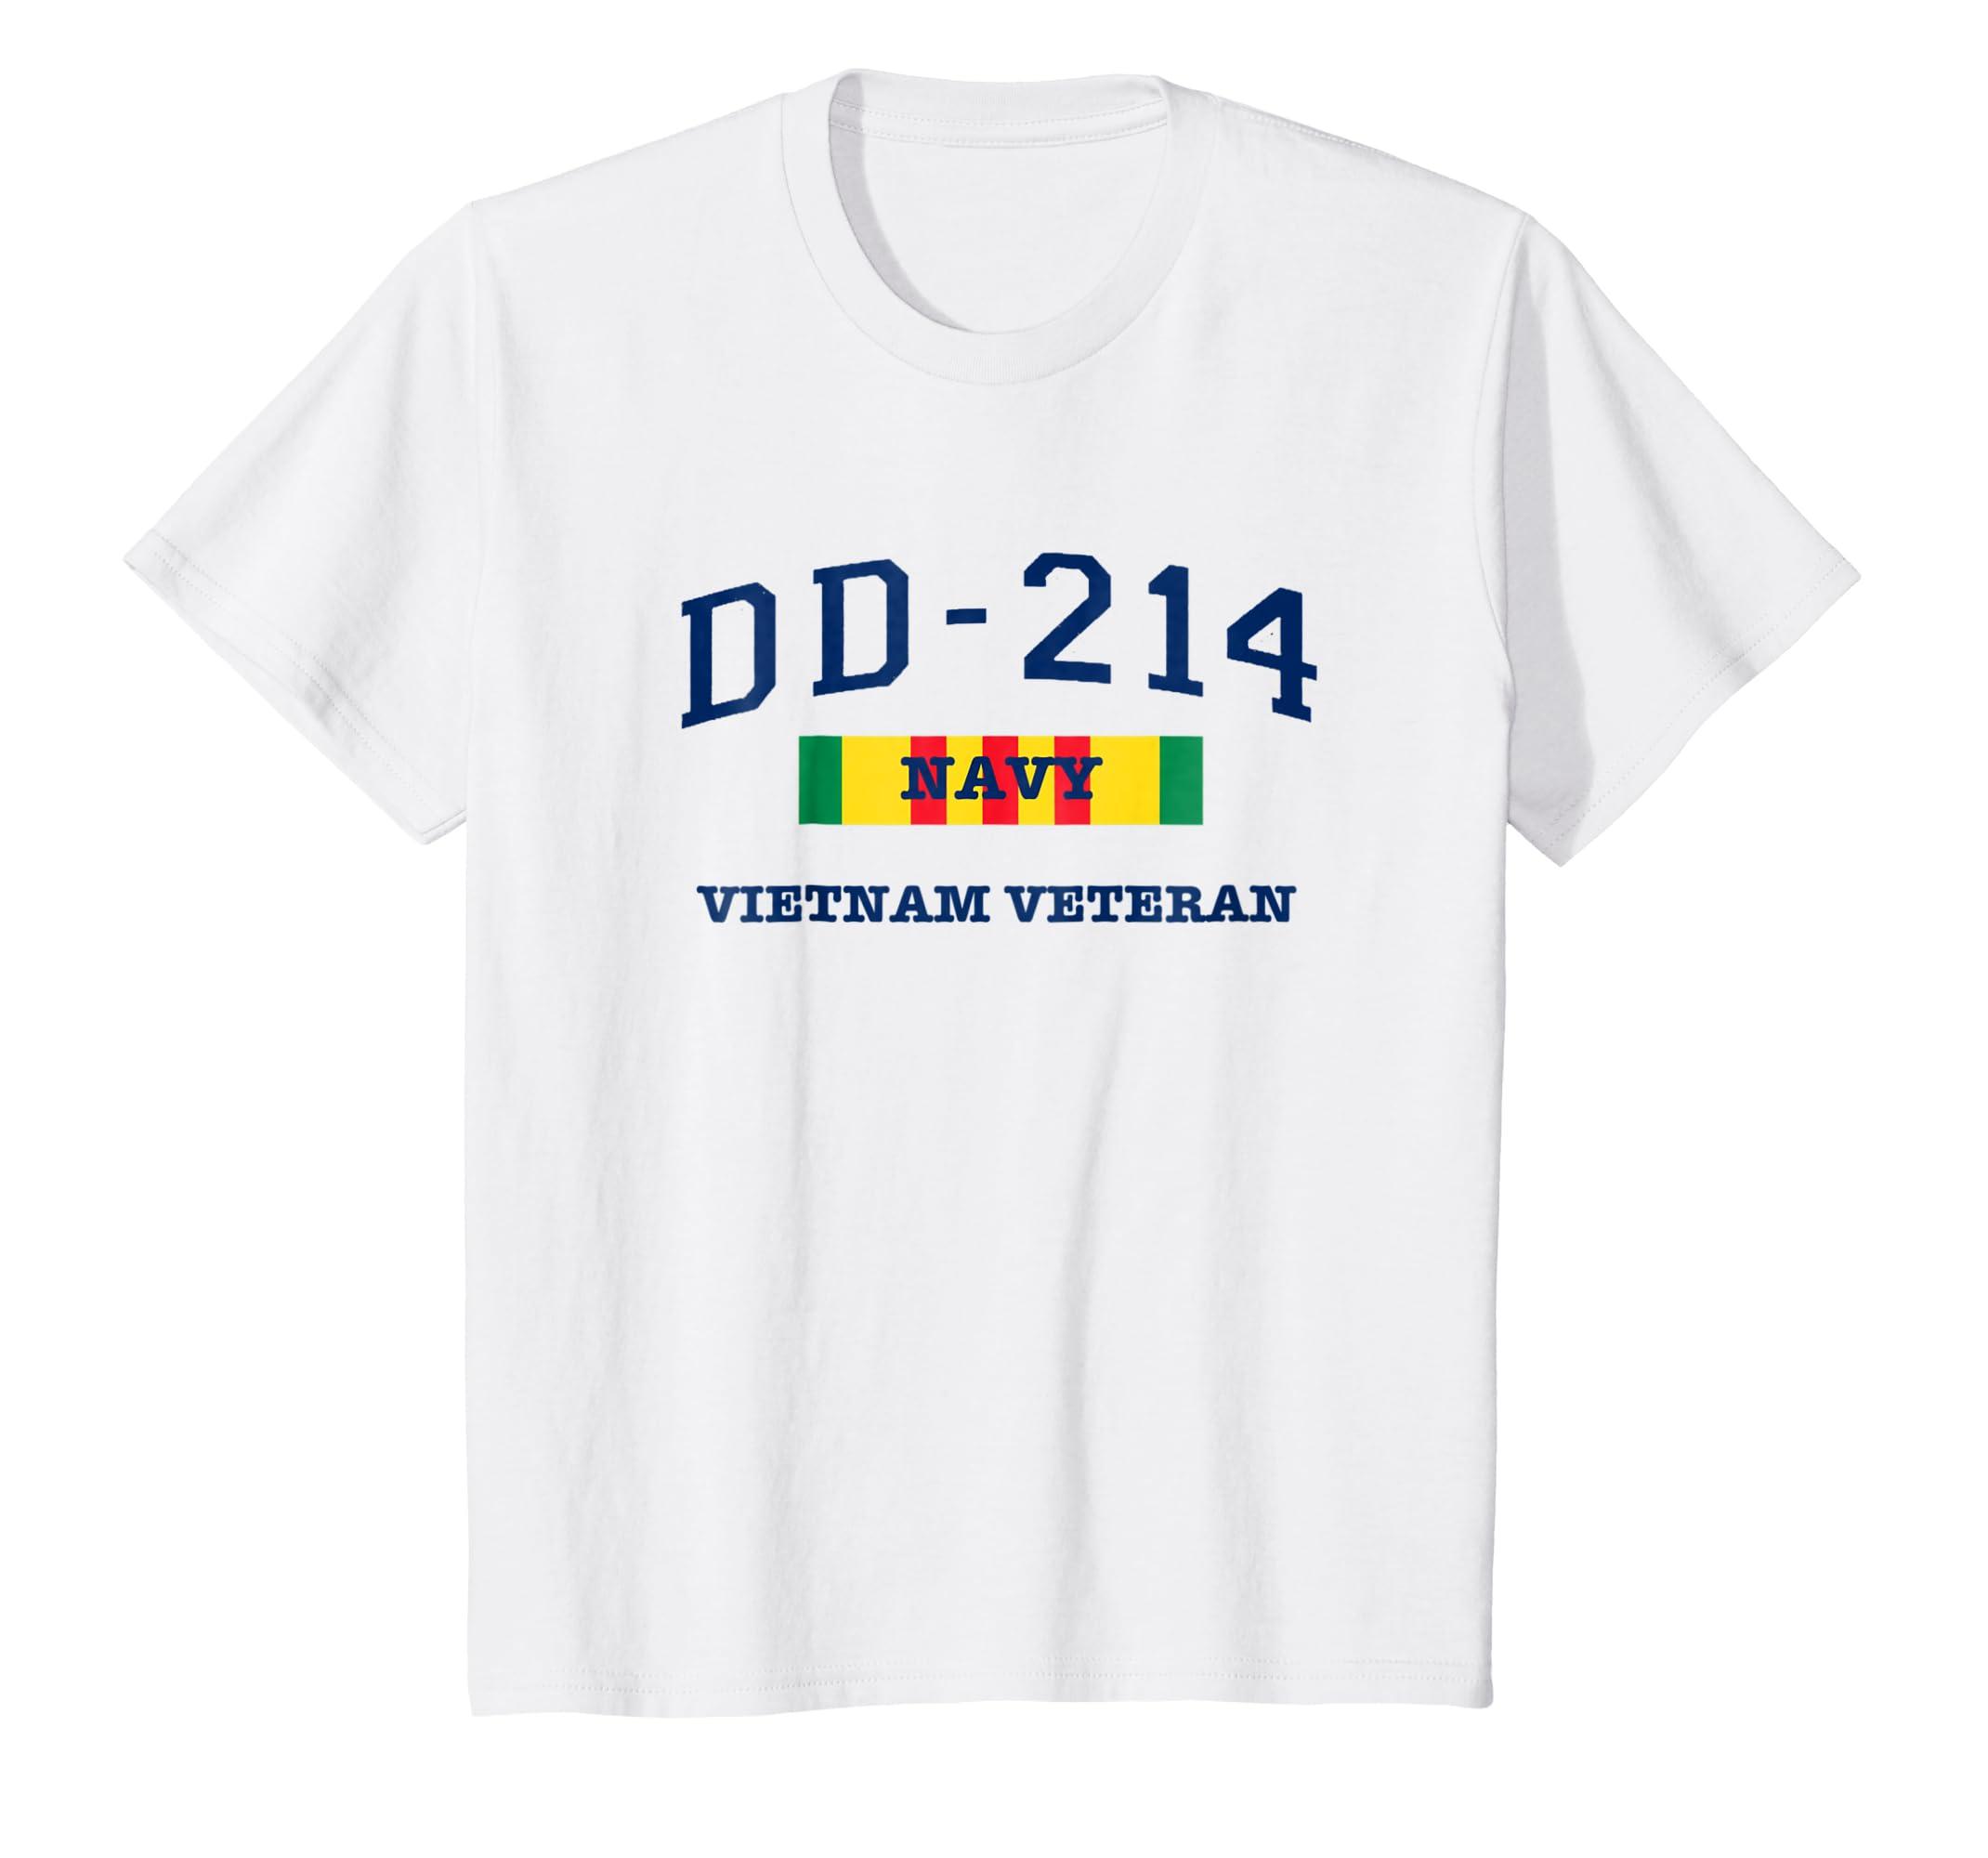 Navy Vietnam Vetrean Shirt War Hero dd214 Tshirt